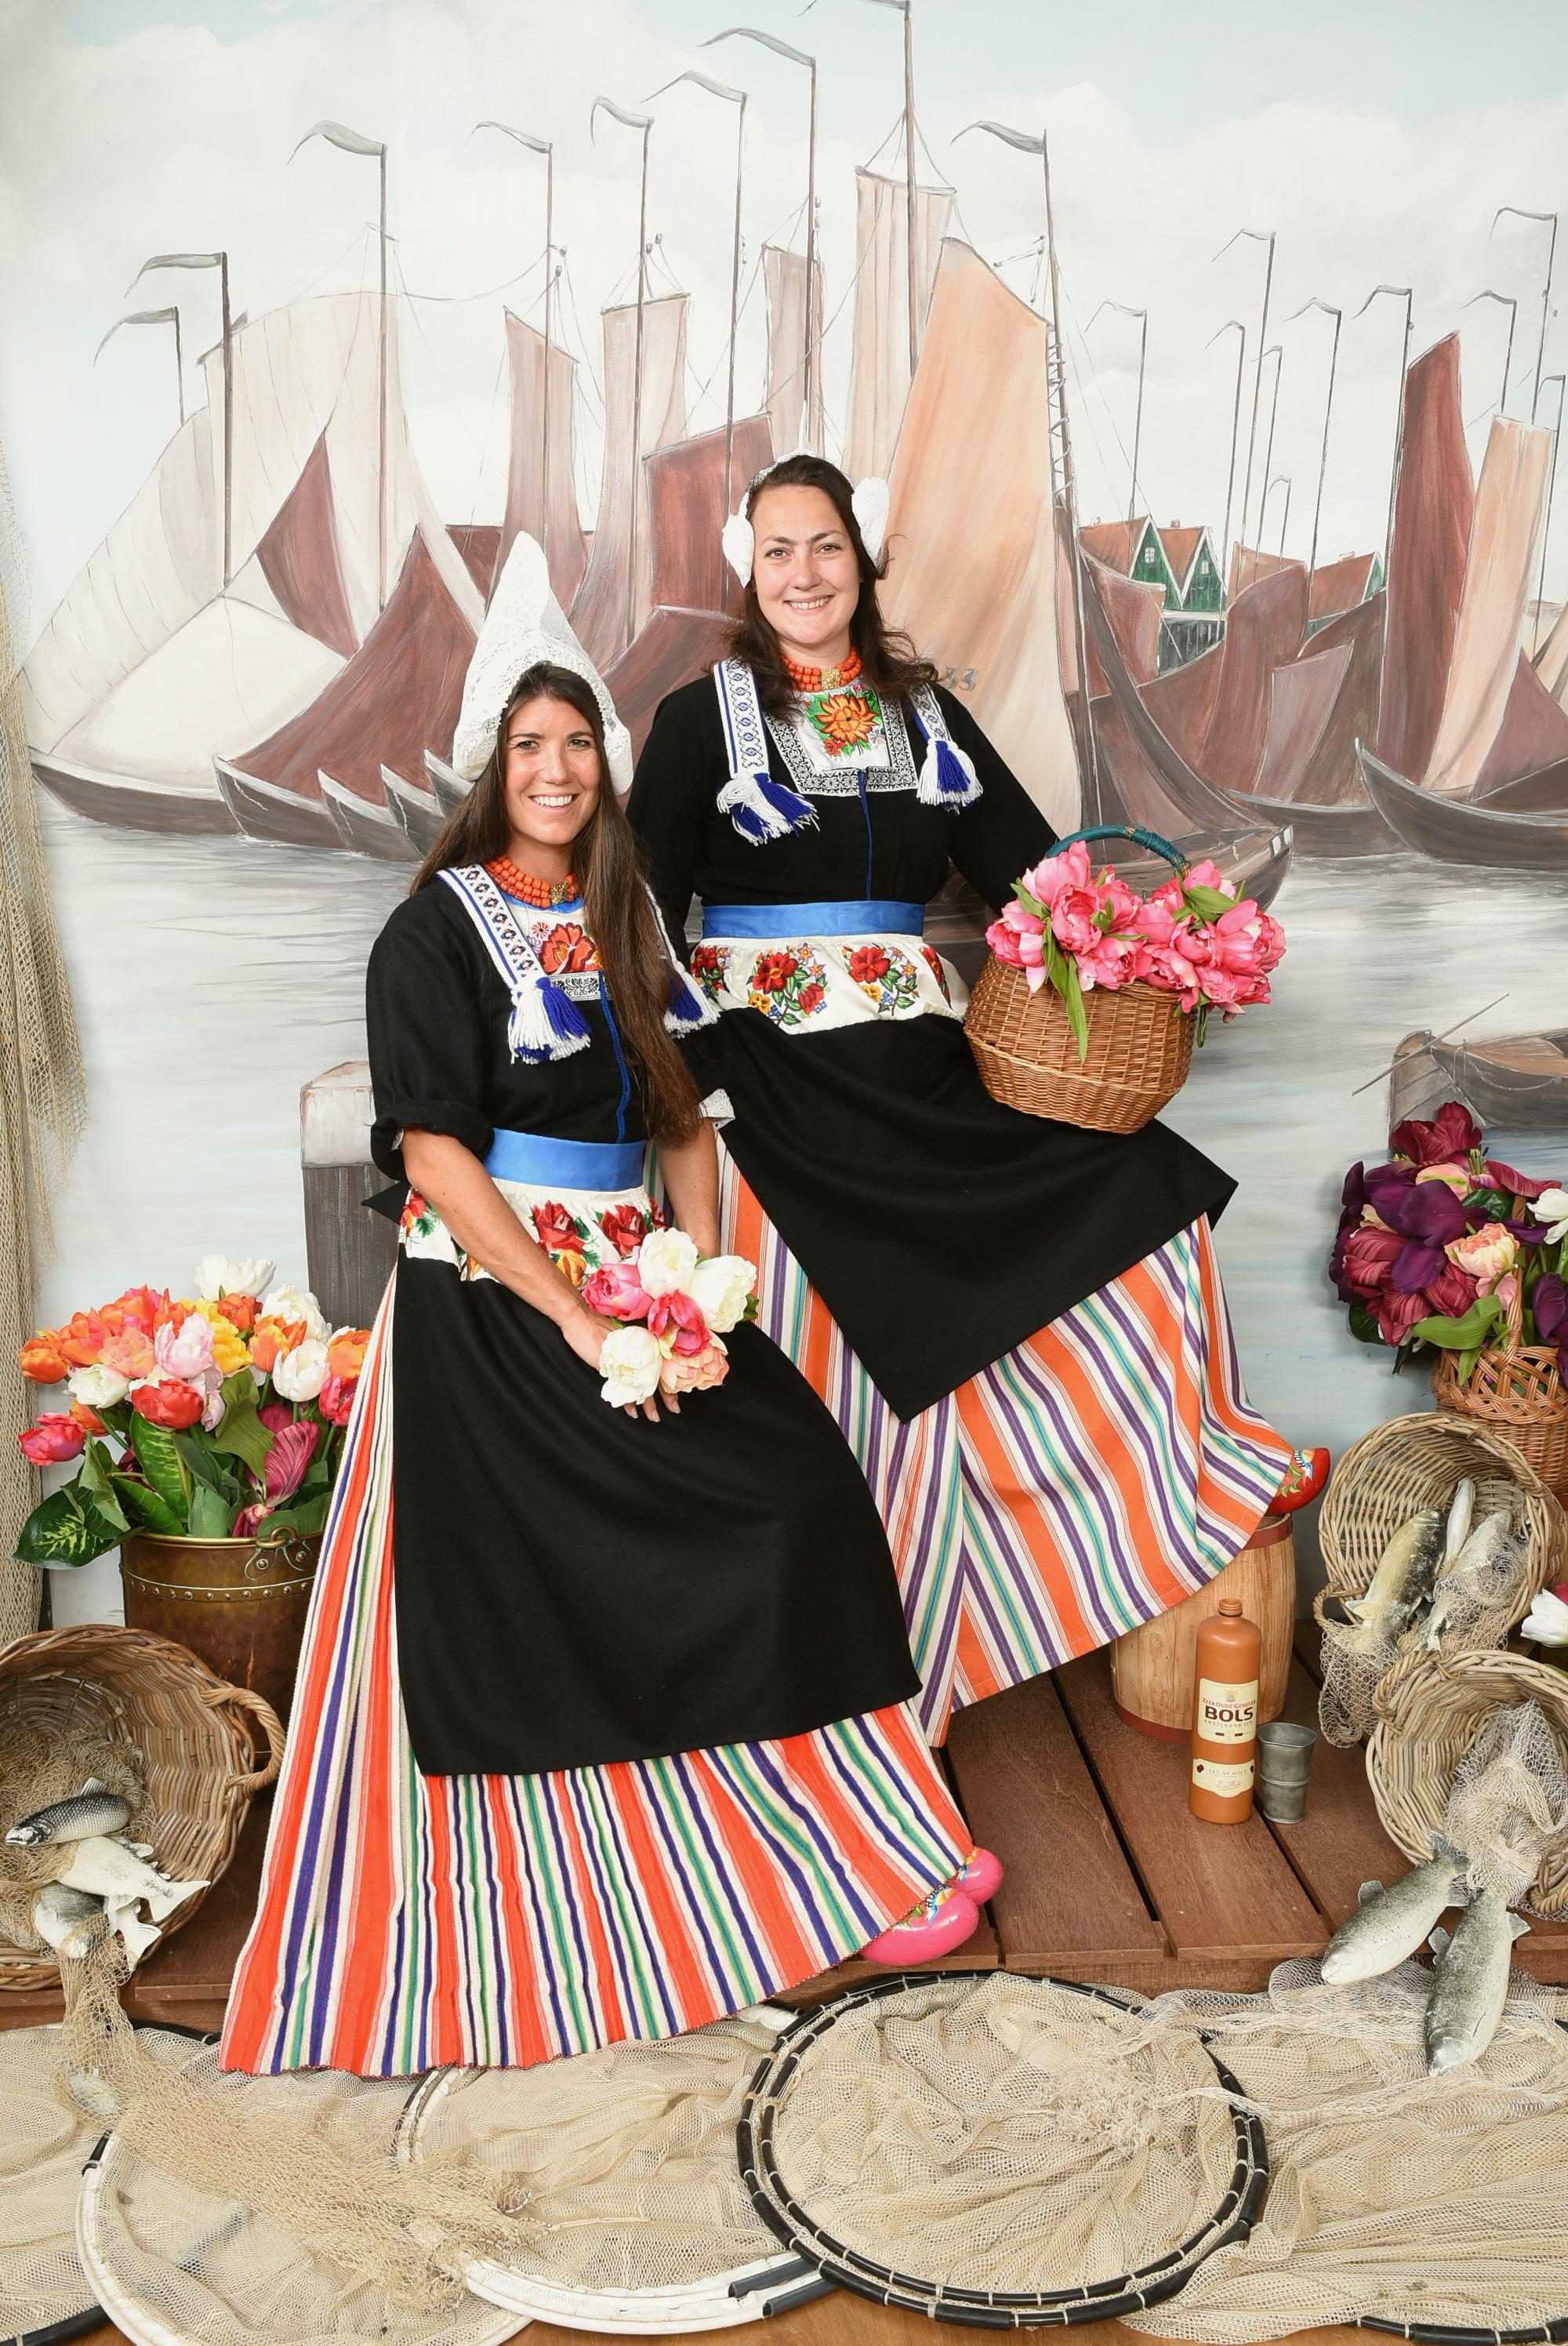 Spiksplinternieuw Volendam en Marken is meer dan poseren in klederdracht - Daily XH-98